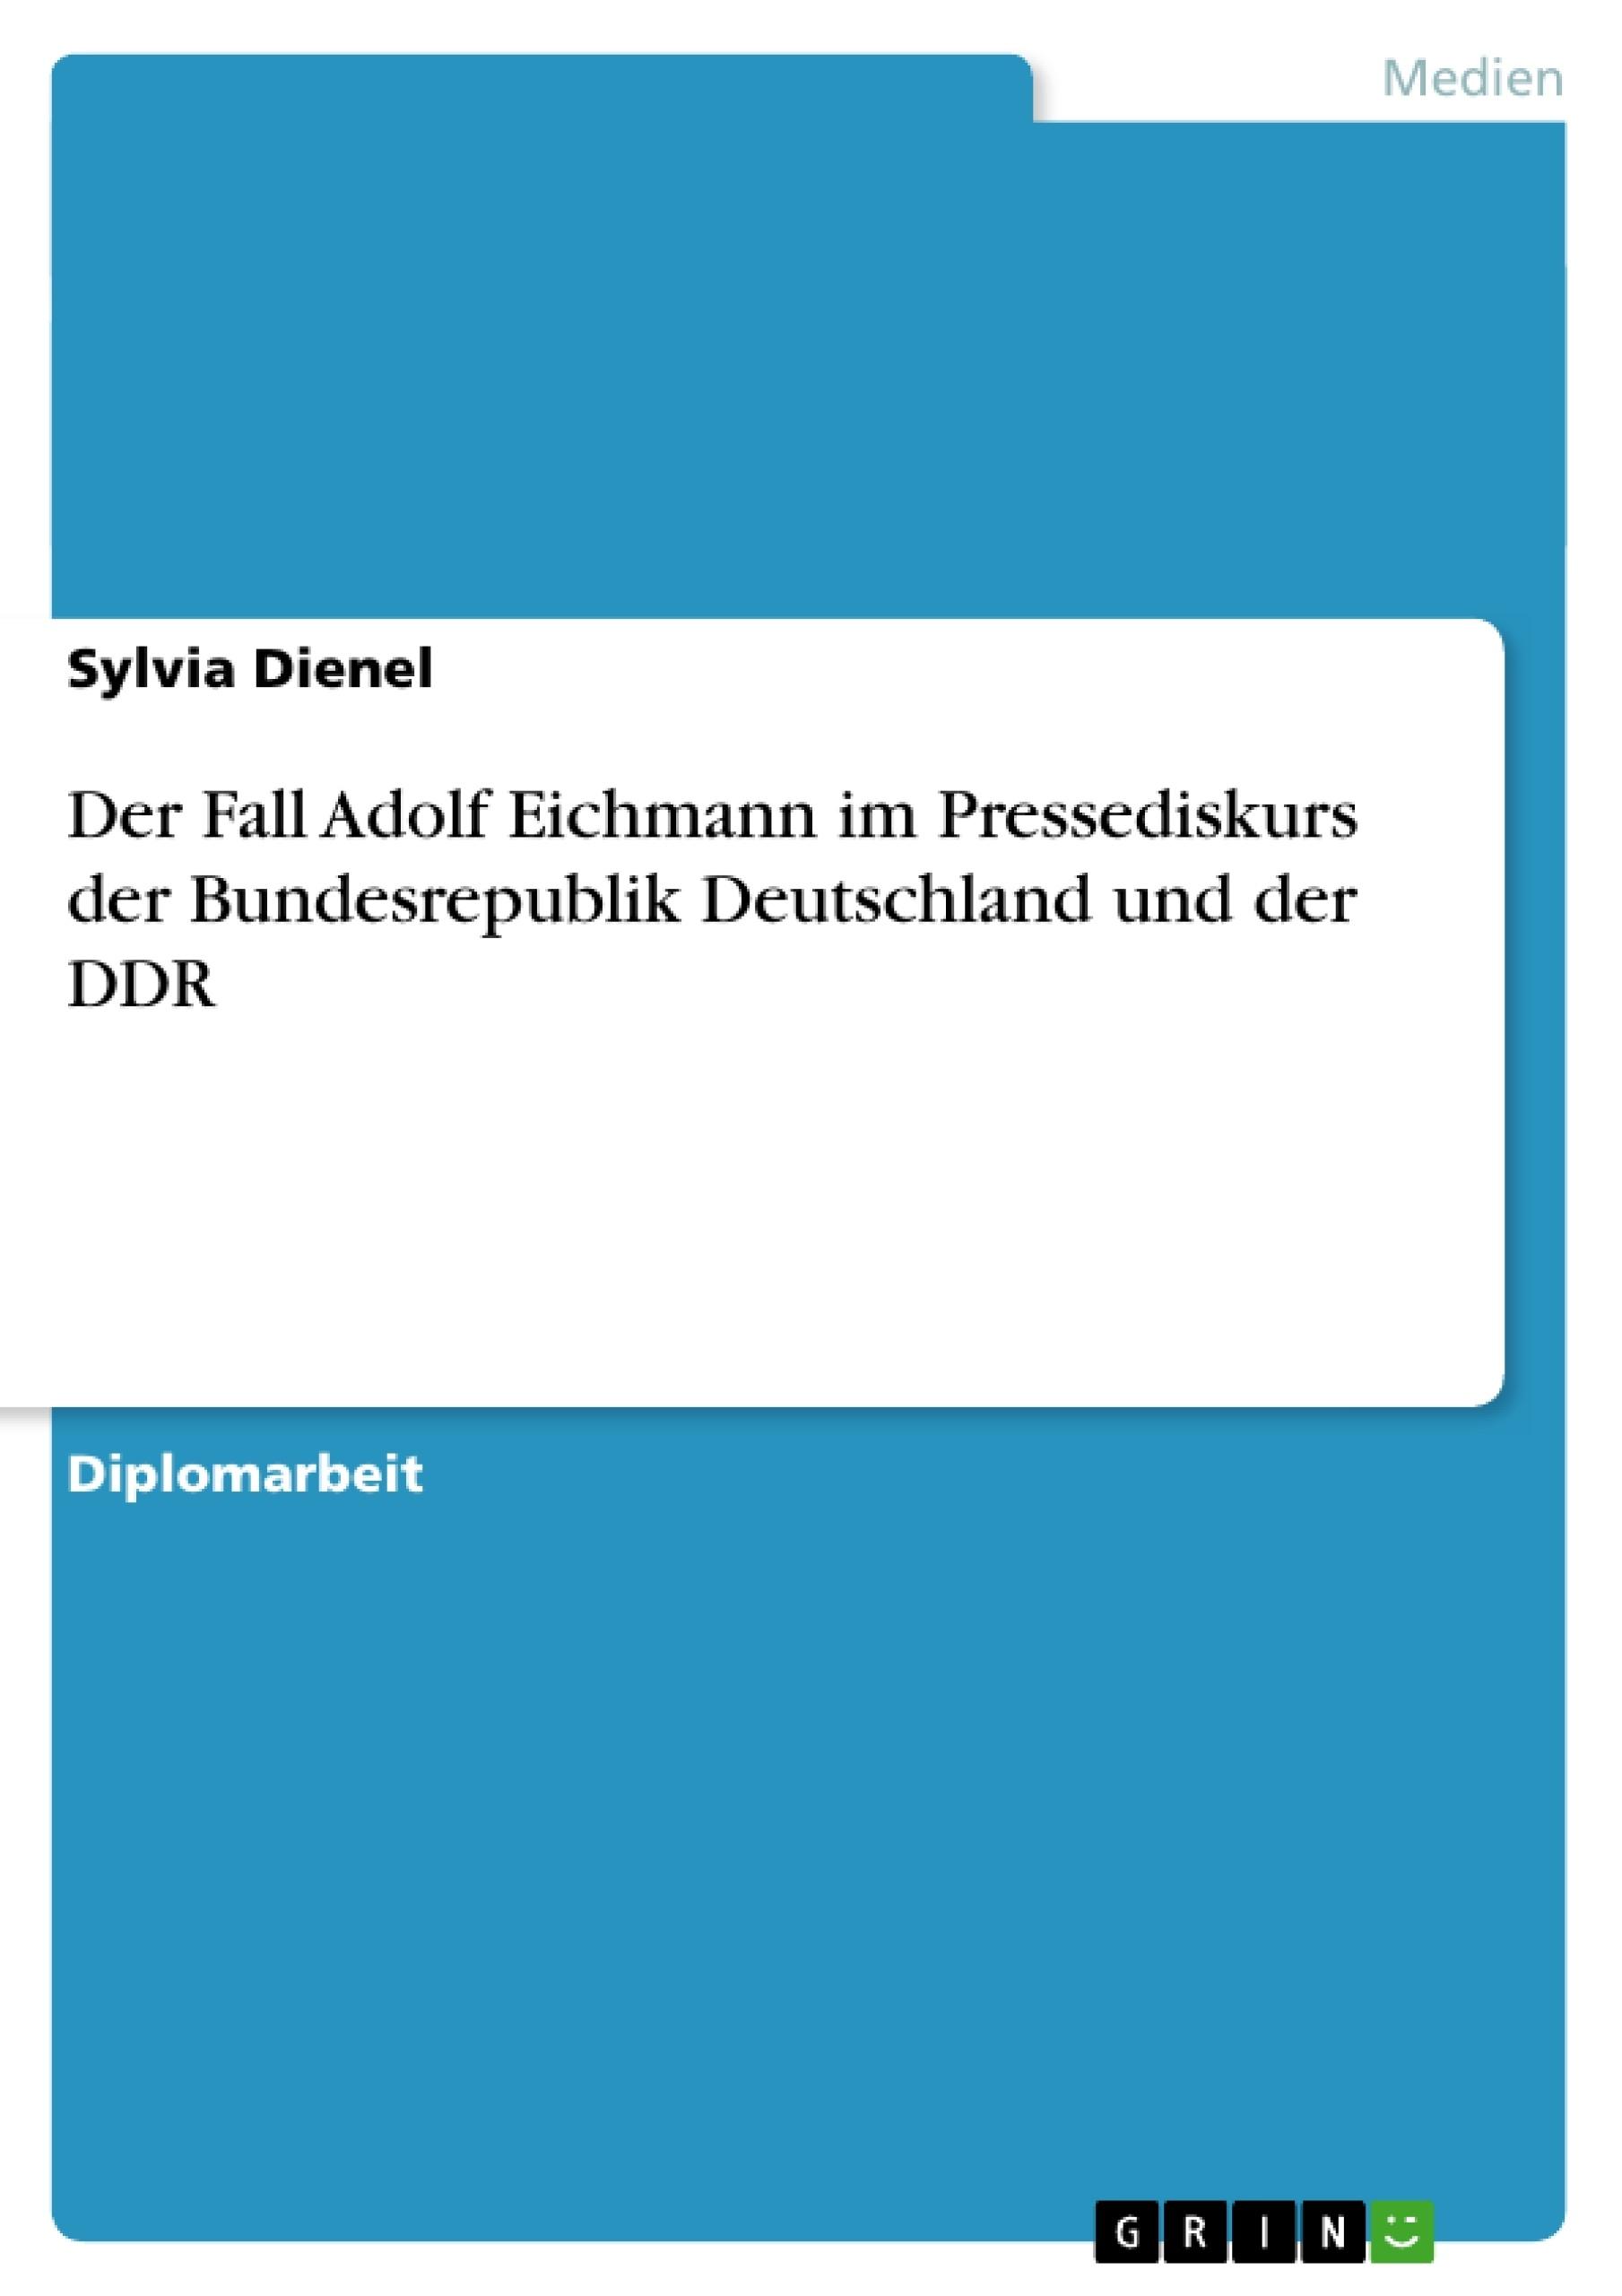 Titel: Der Fall Adolf Eichmann im Pressediskurs der Bundesrepublik Deutschland und der DDR